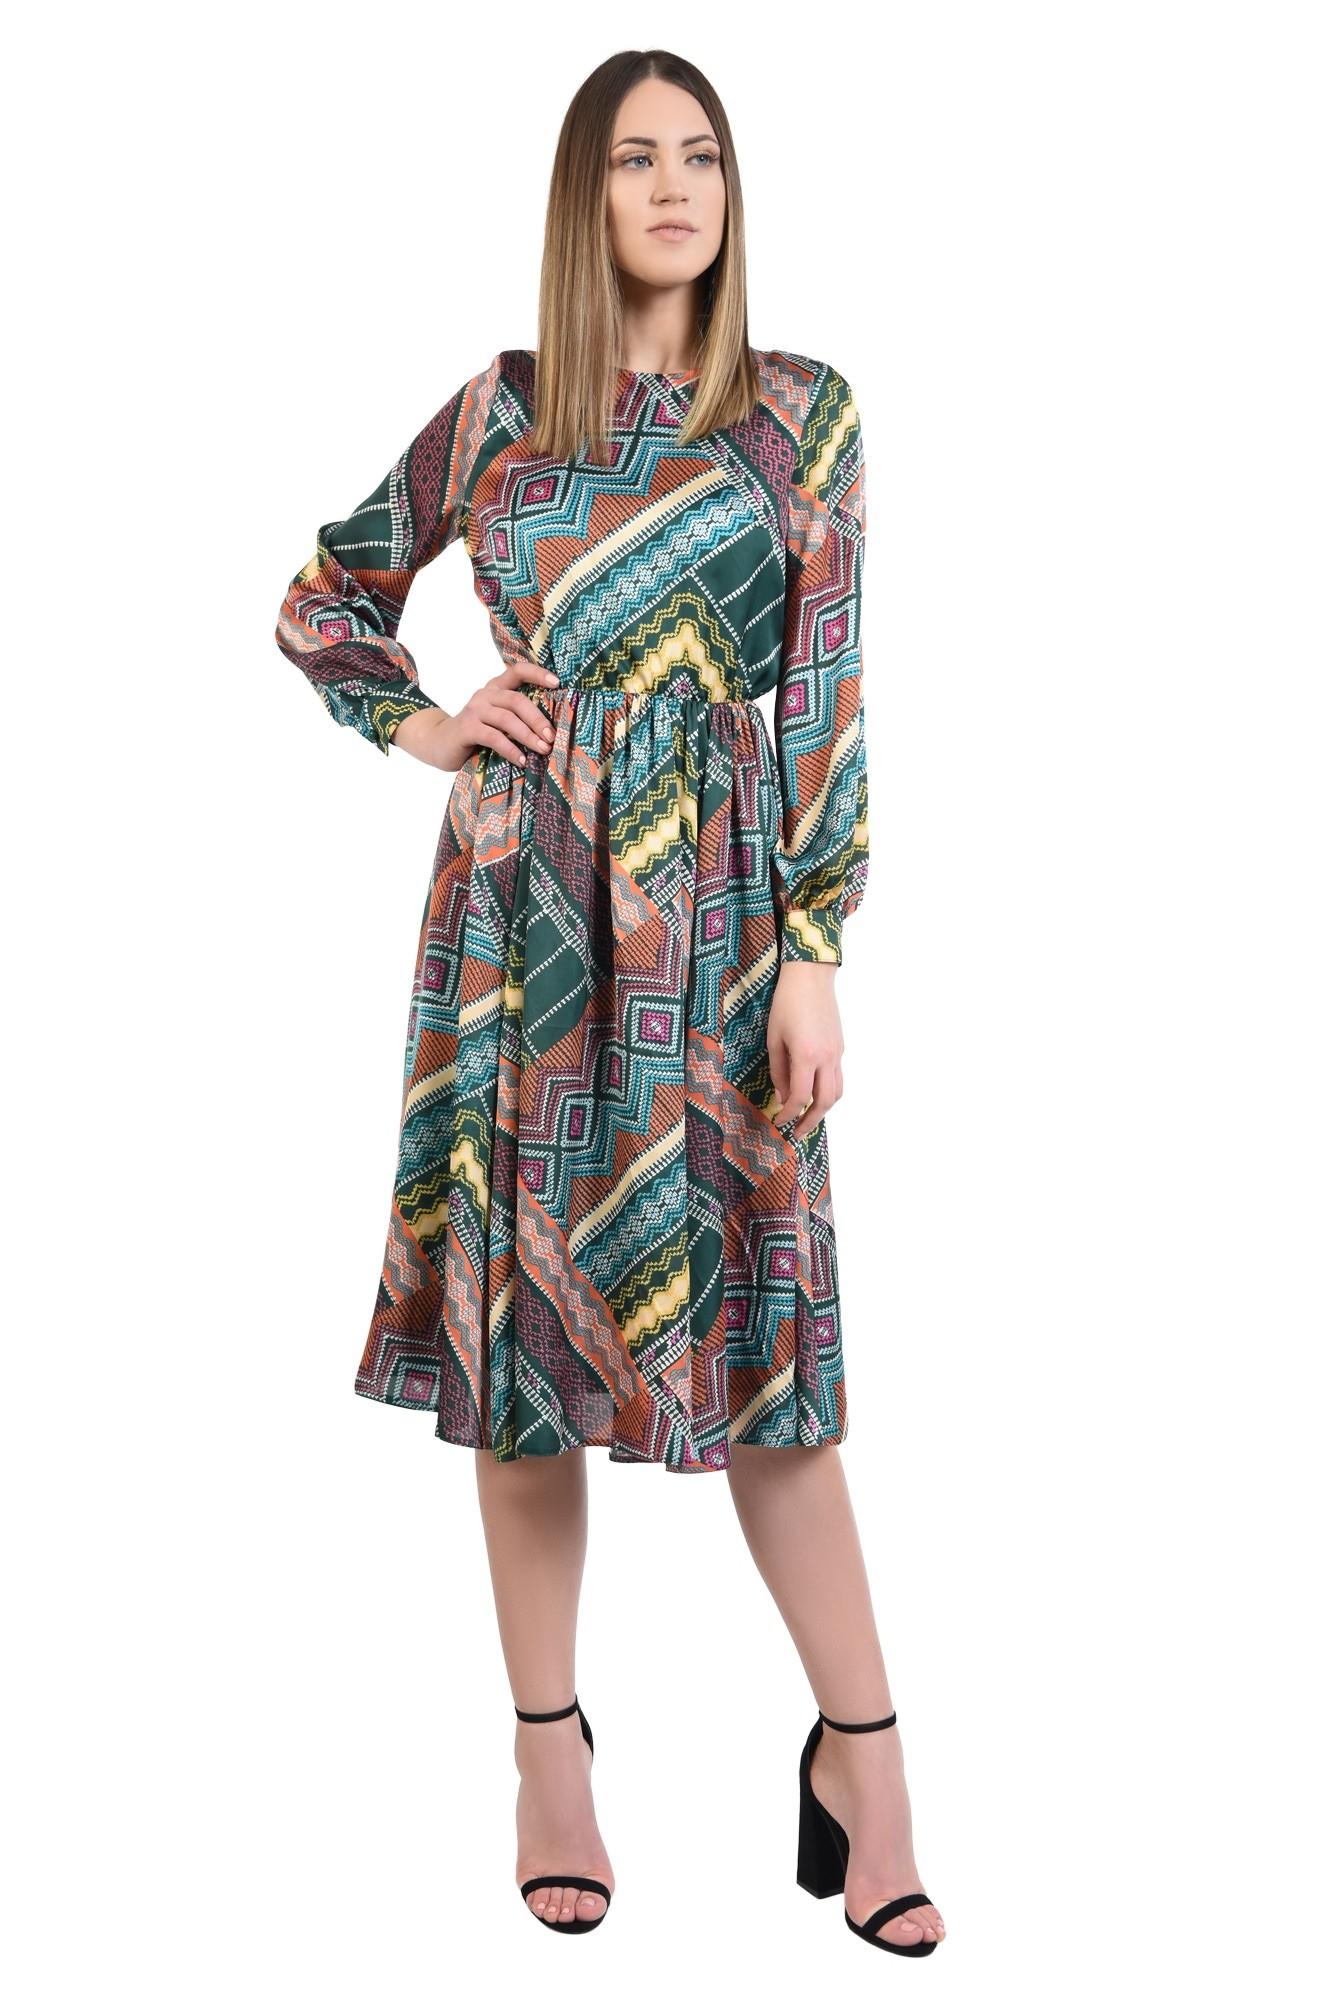 360 - rochie casual, imprimata, print geometric multicolor, lungime midi, evazata